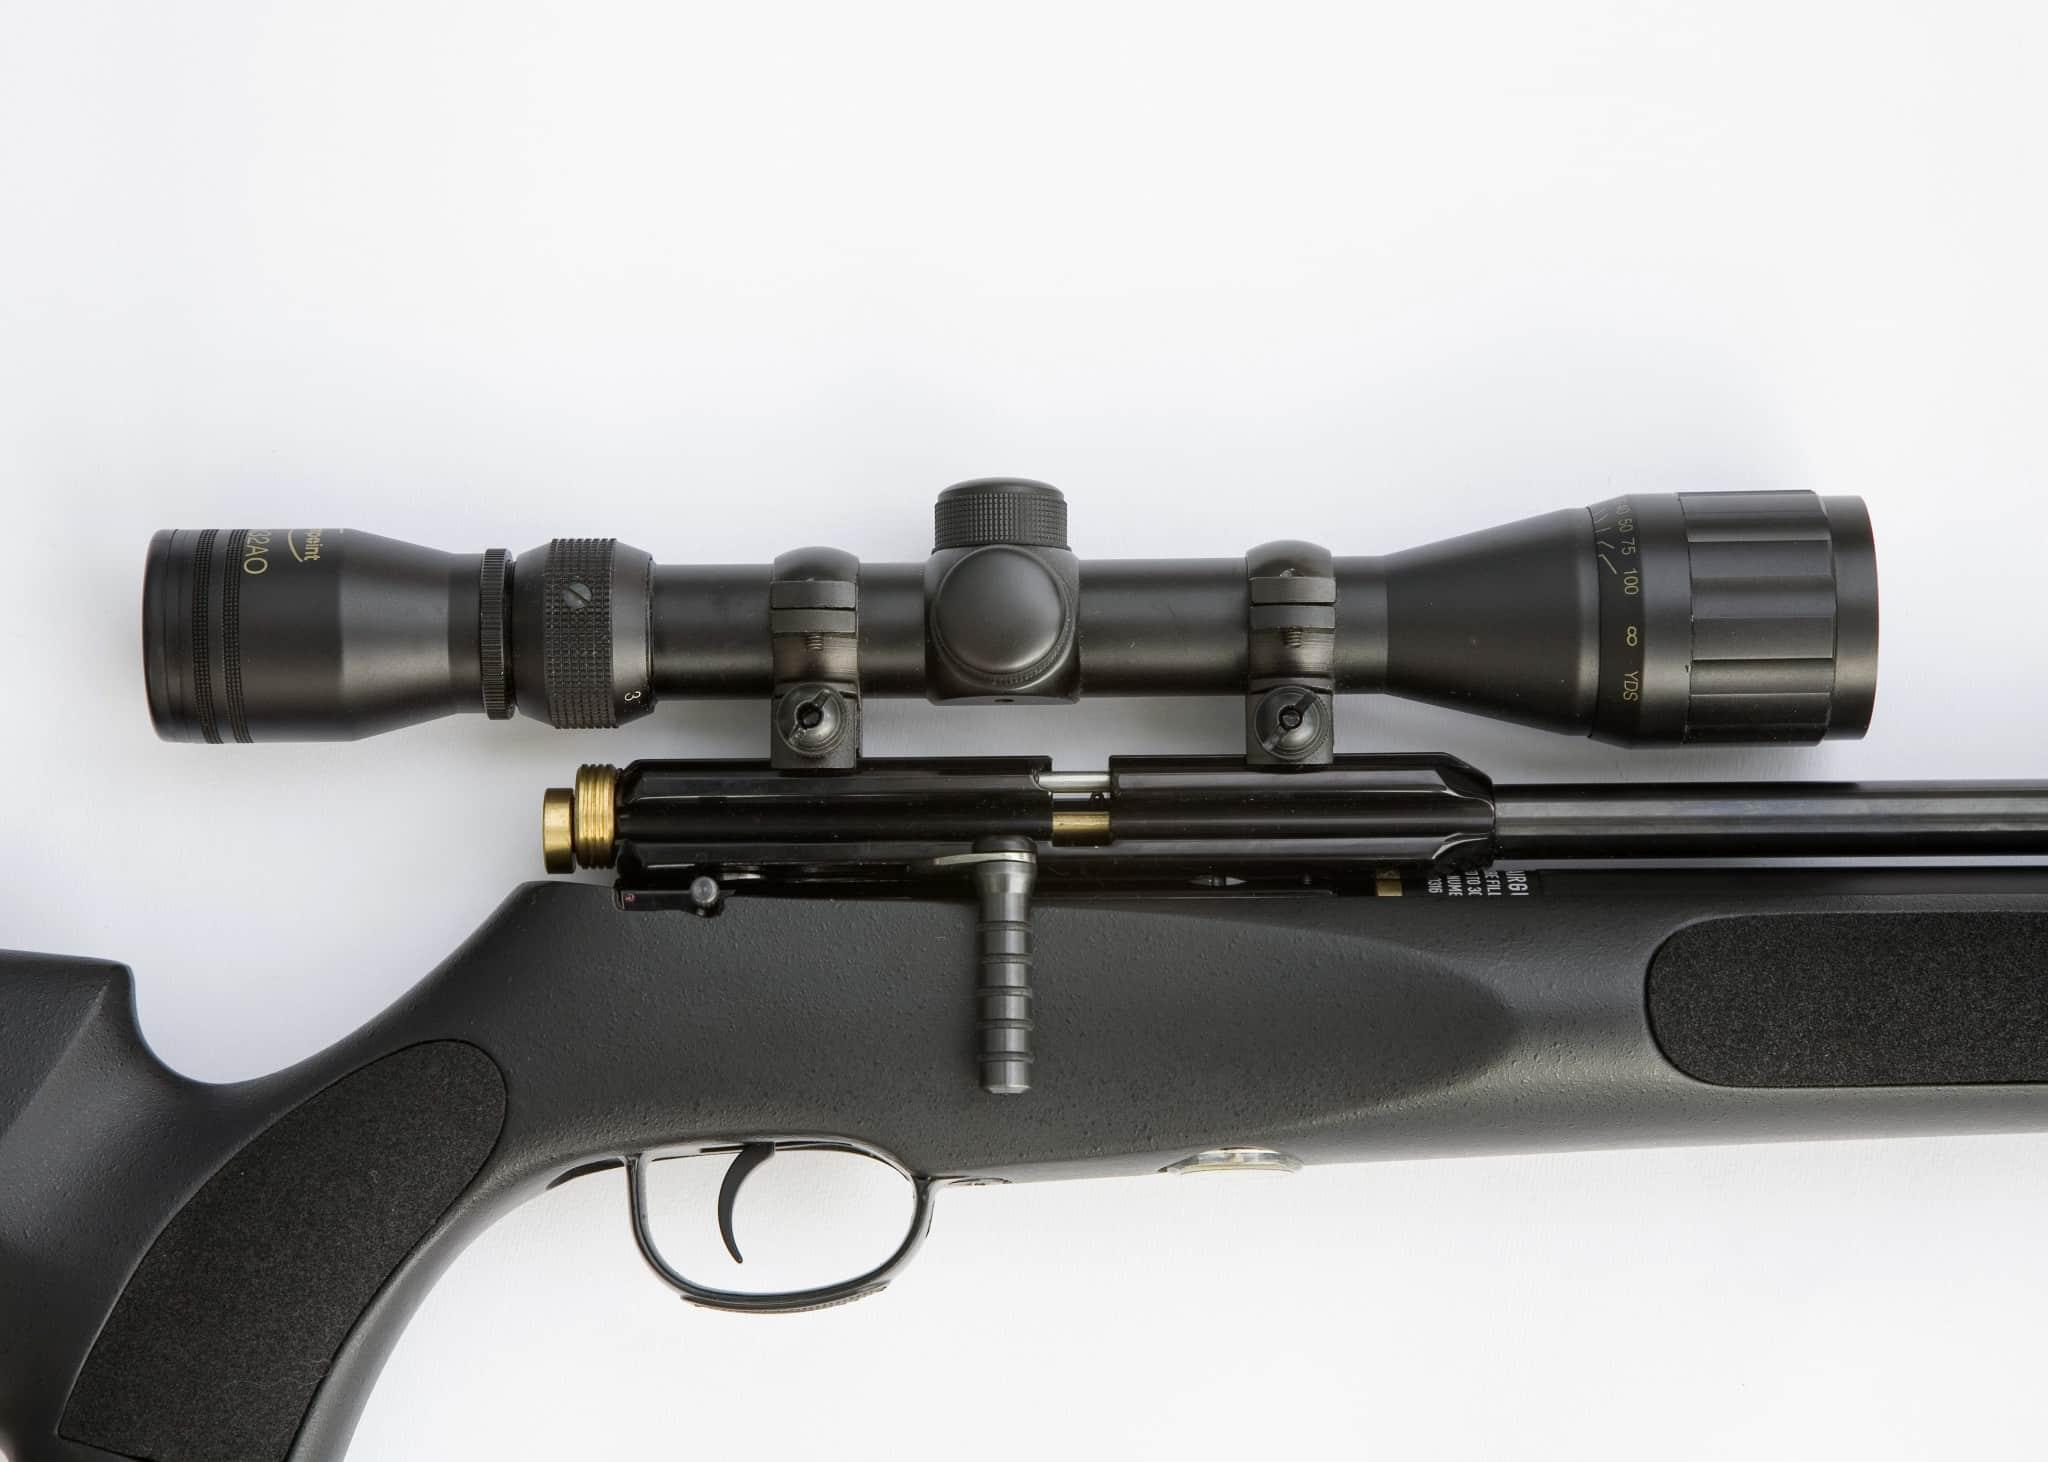 Med kikarsikte på luftgeväret kan du lära dig hur kulbanan fungerar även för din jaktstudsare. Tänk på att skotthållen är jämförelsevis korta, vilket innebär att du kan dra fördel av parallaxjustering på kikarsiktet.